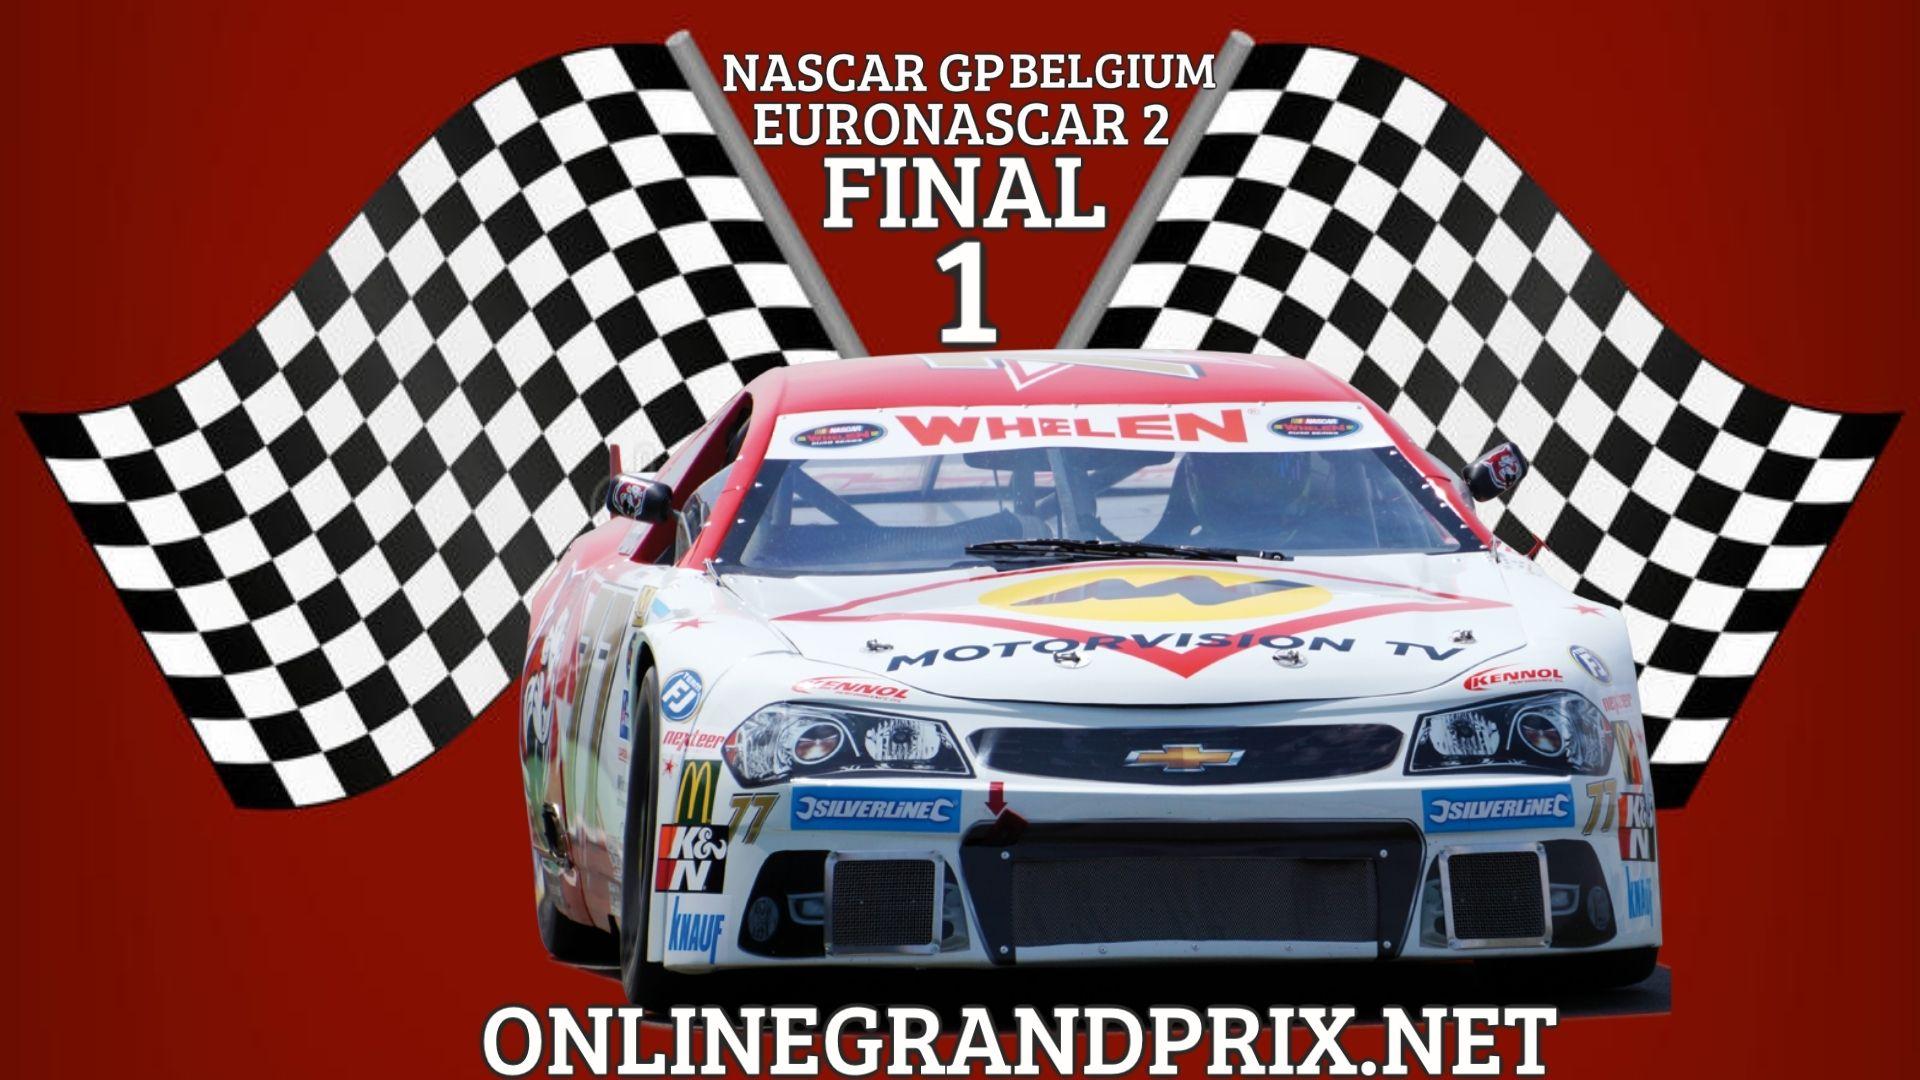 Belgium NASCAR GP Live Stream 2021 | Euro NASCAR 2 Final 1